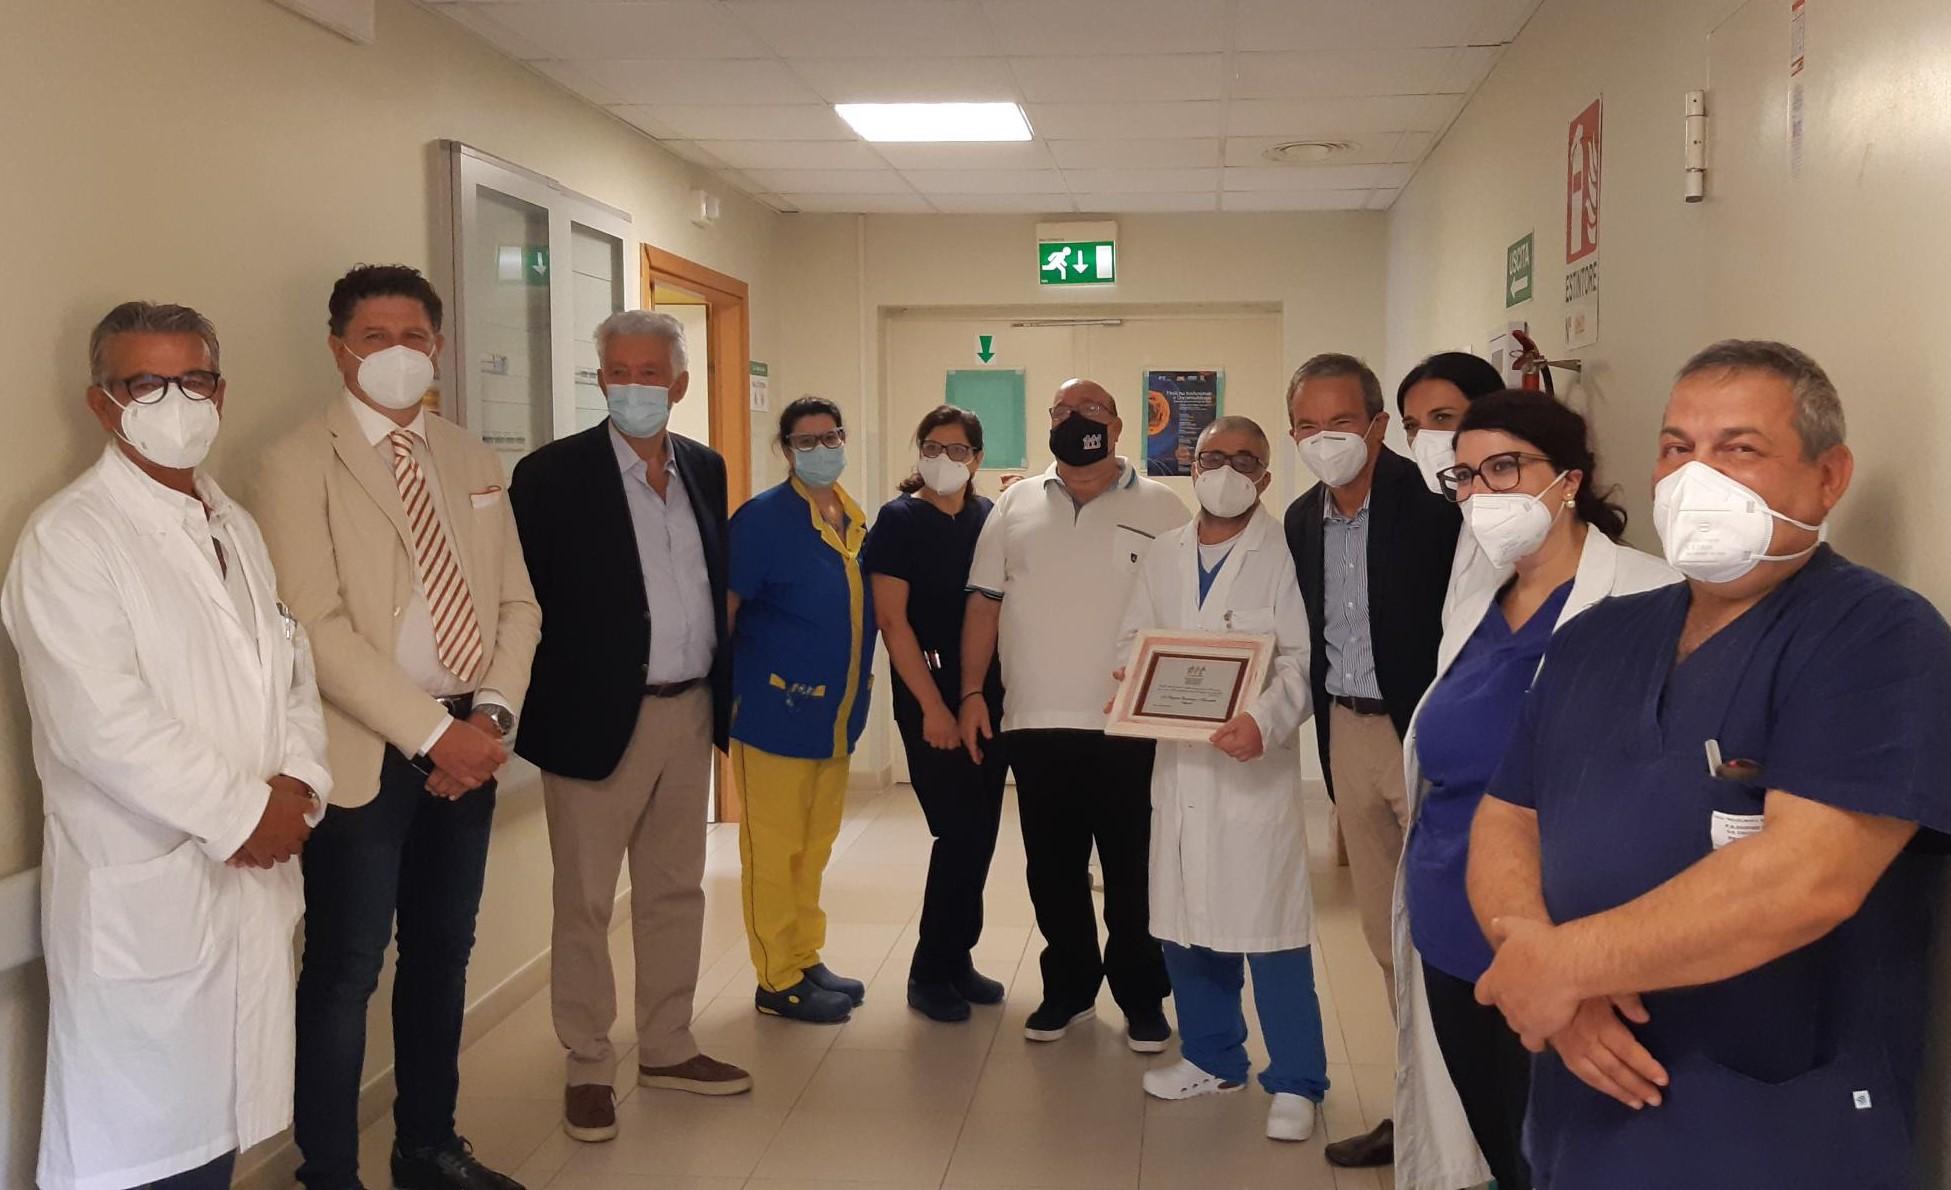 Augusta, il vicepresidente nazionale Ail in visita al reparto di ematologia dell'ospedale